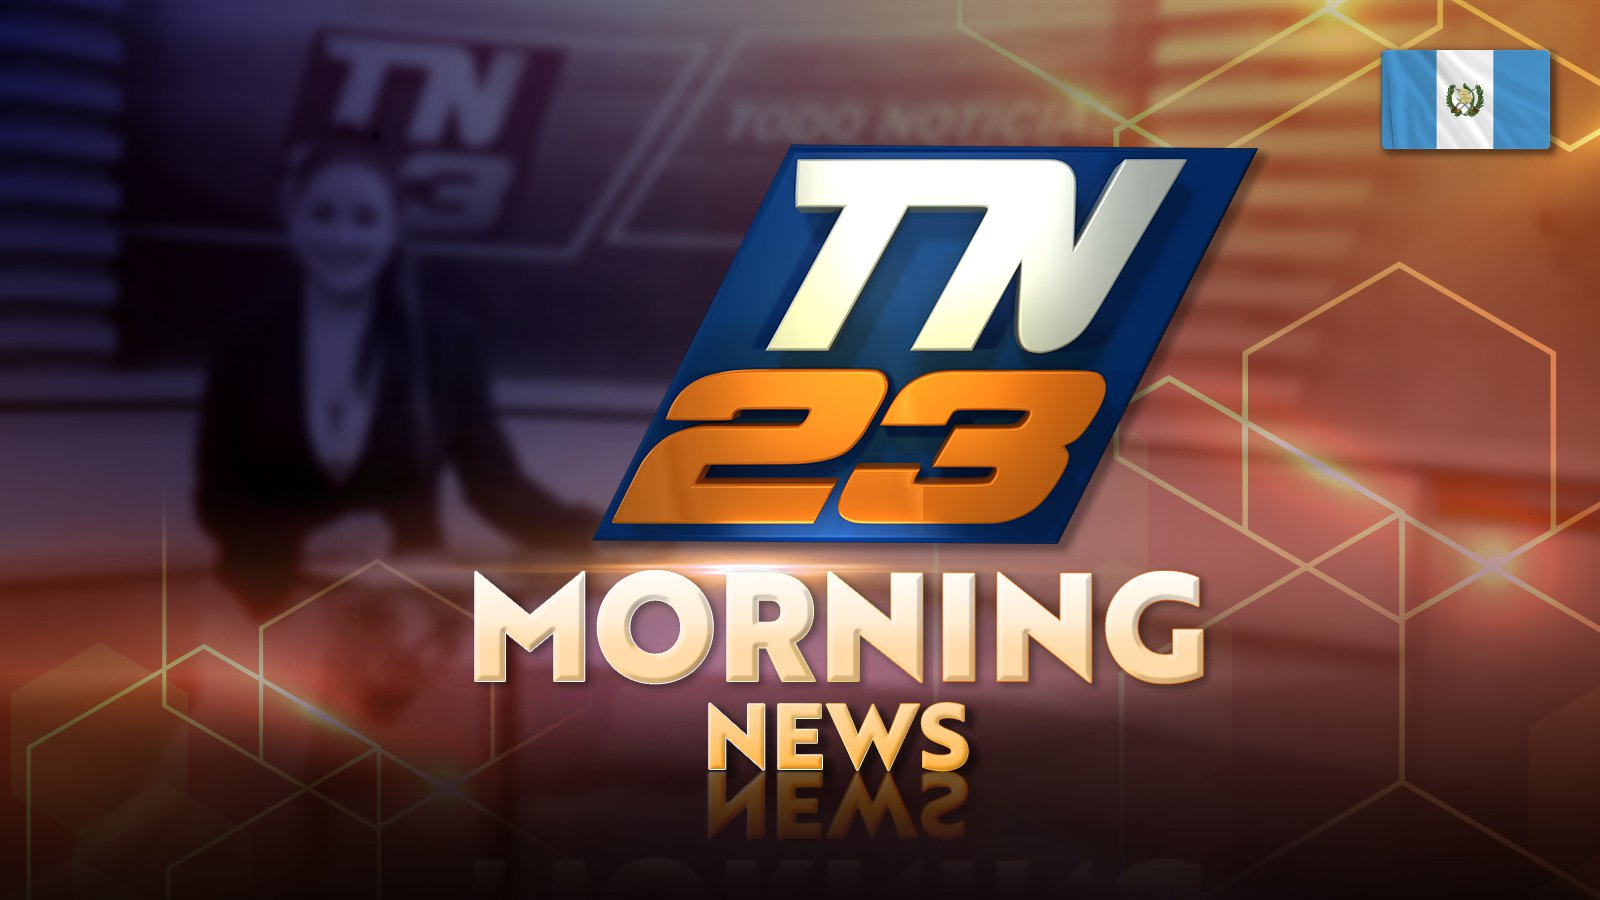 Morning TN23 News poster